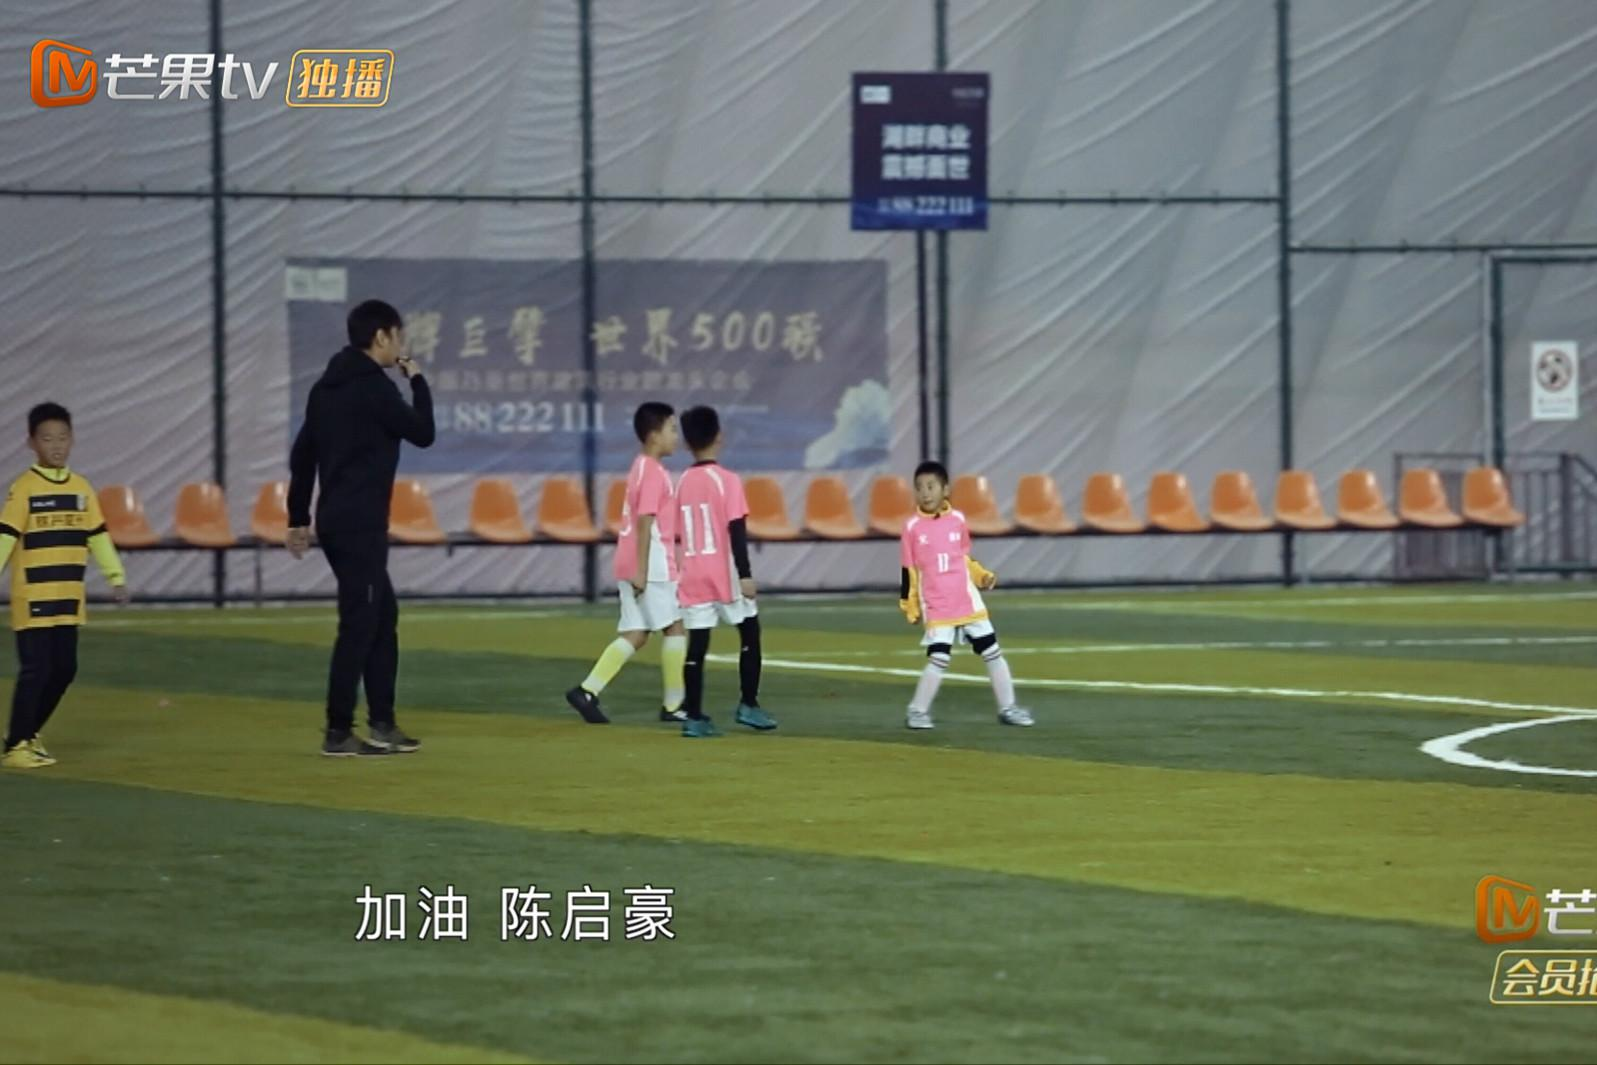 《变形计》云南足球小子首次在球场踢球 梦想实现第一步